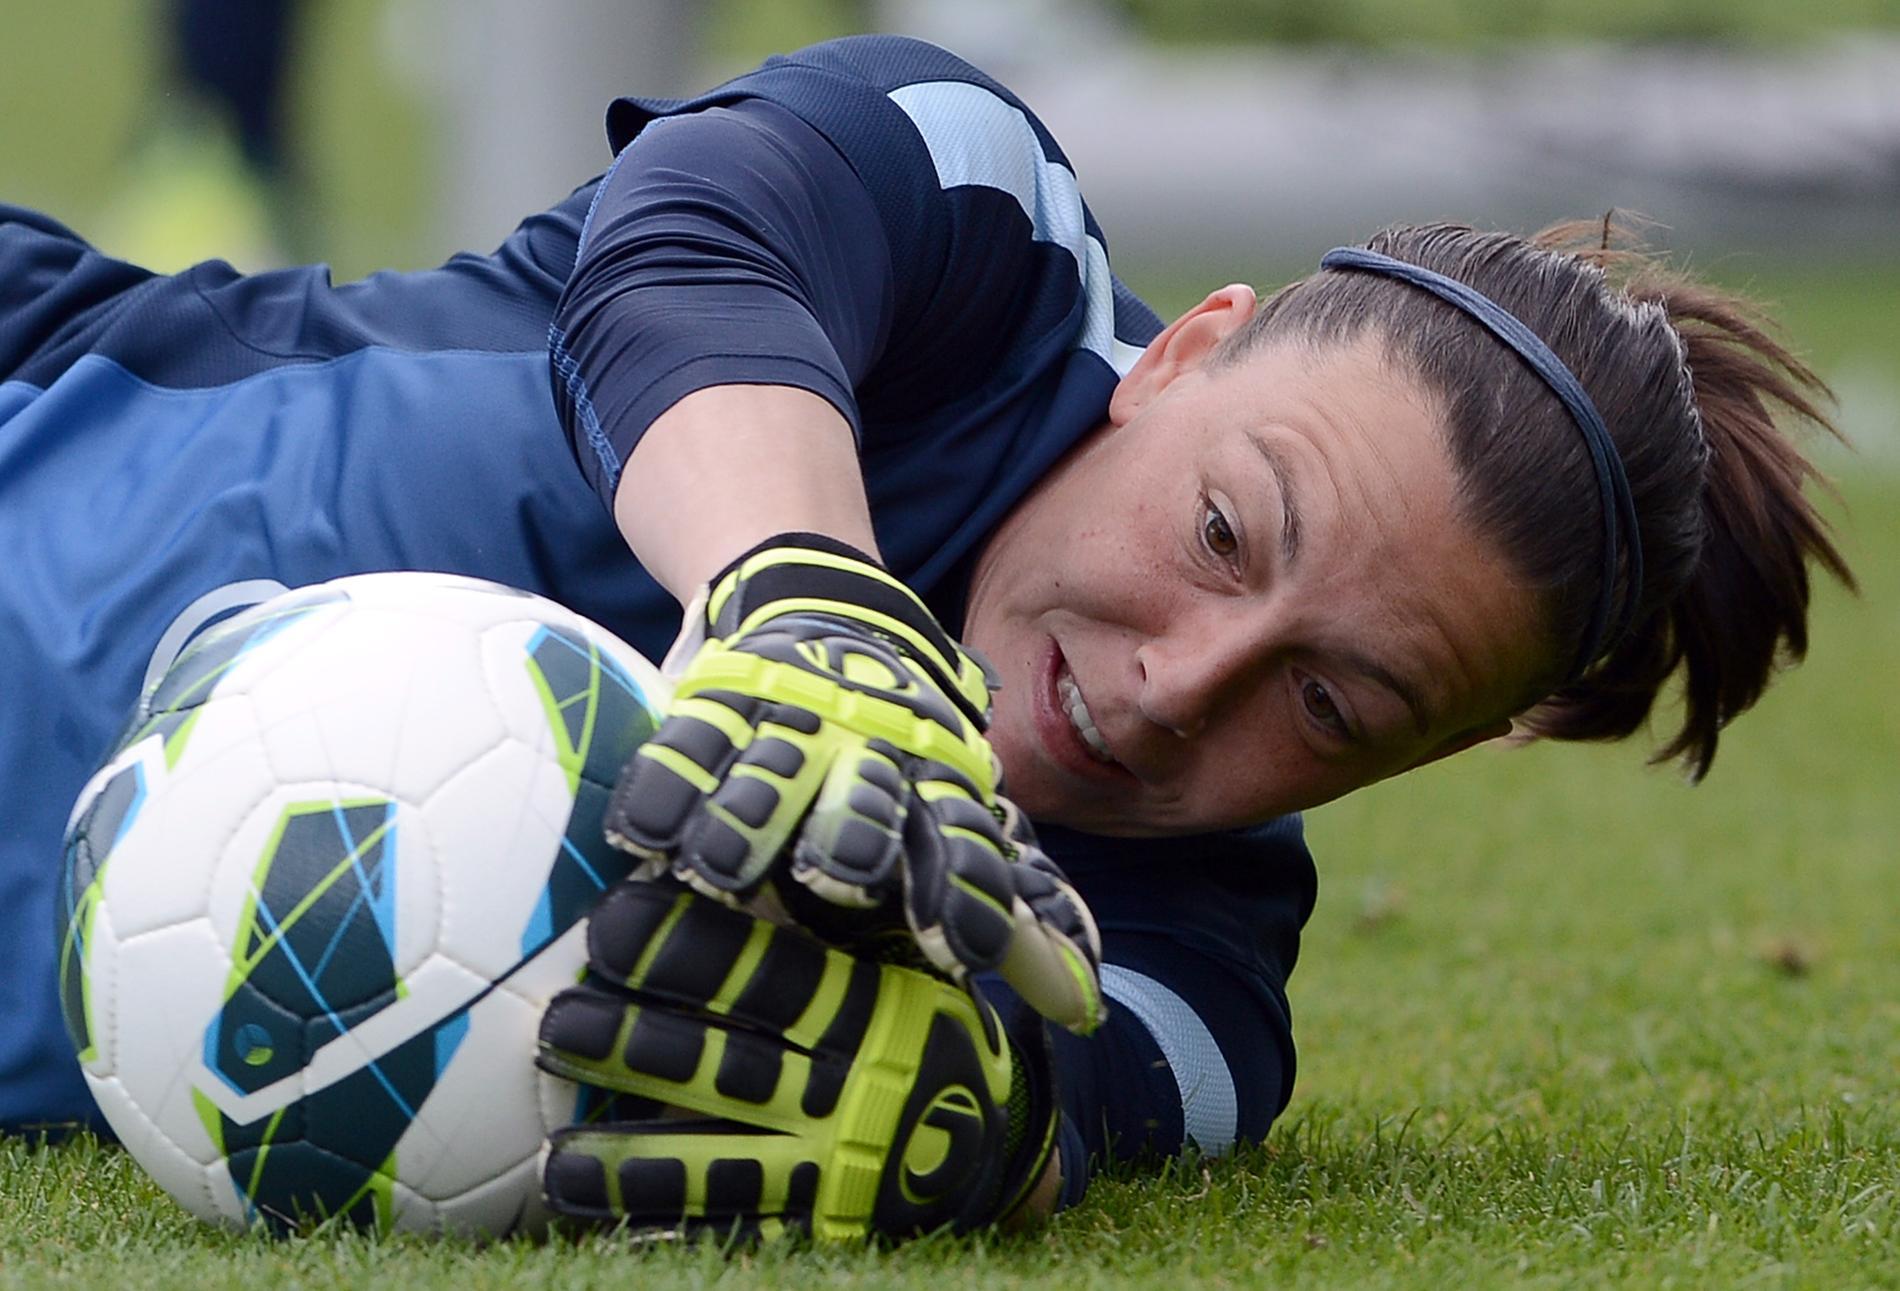 d60119c6bfea4 Football : mais au fait, qui sont les Bleues ? - Madame Figaro